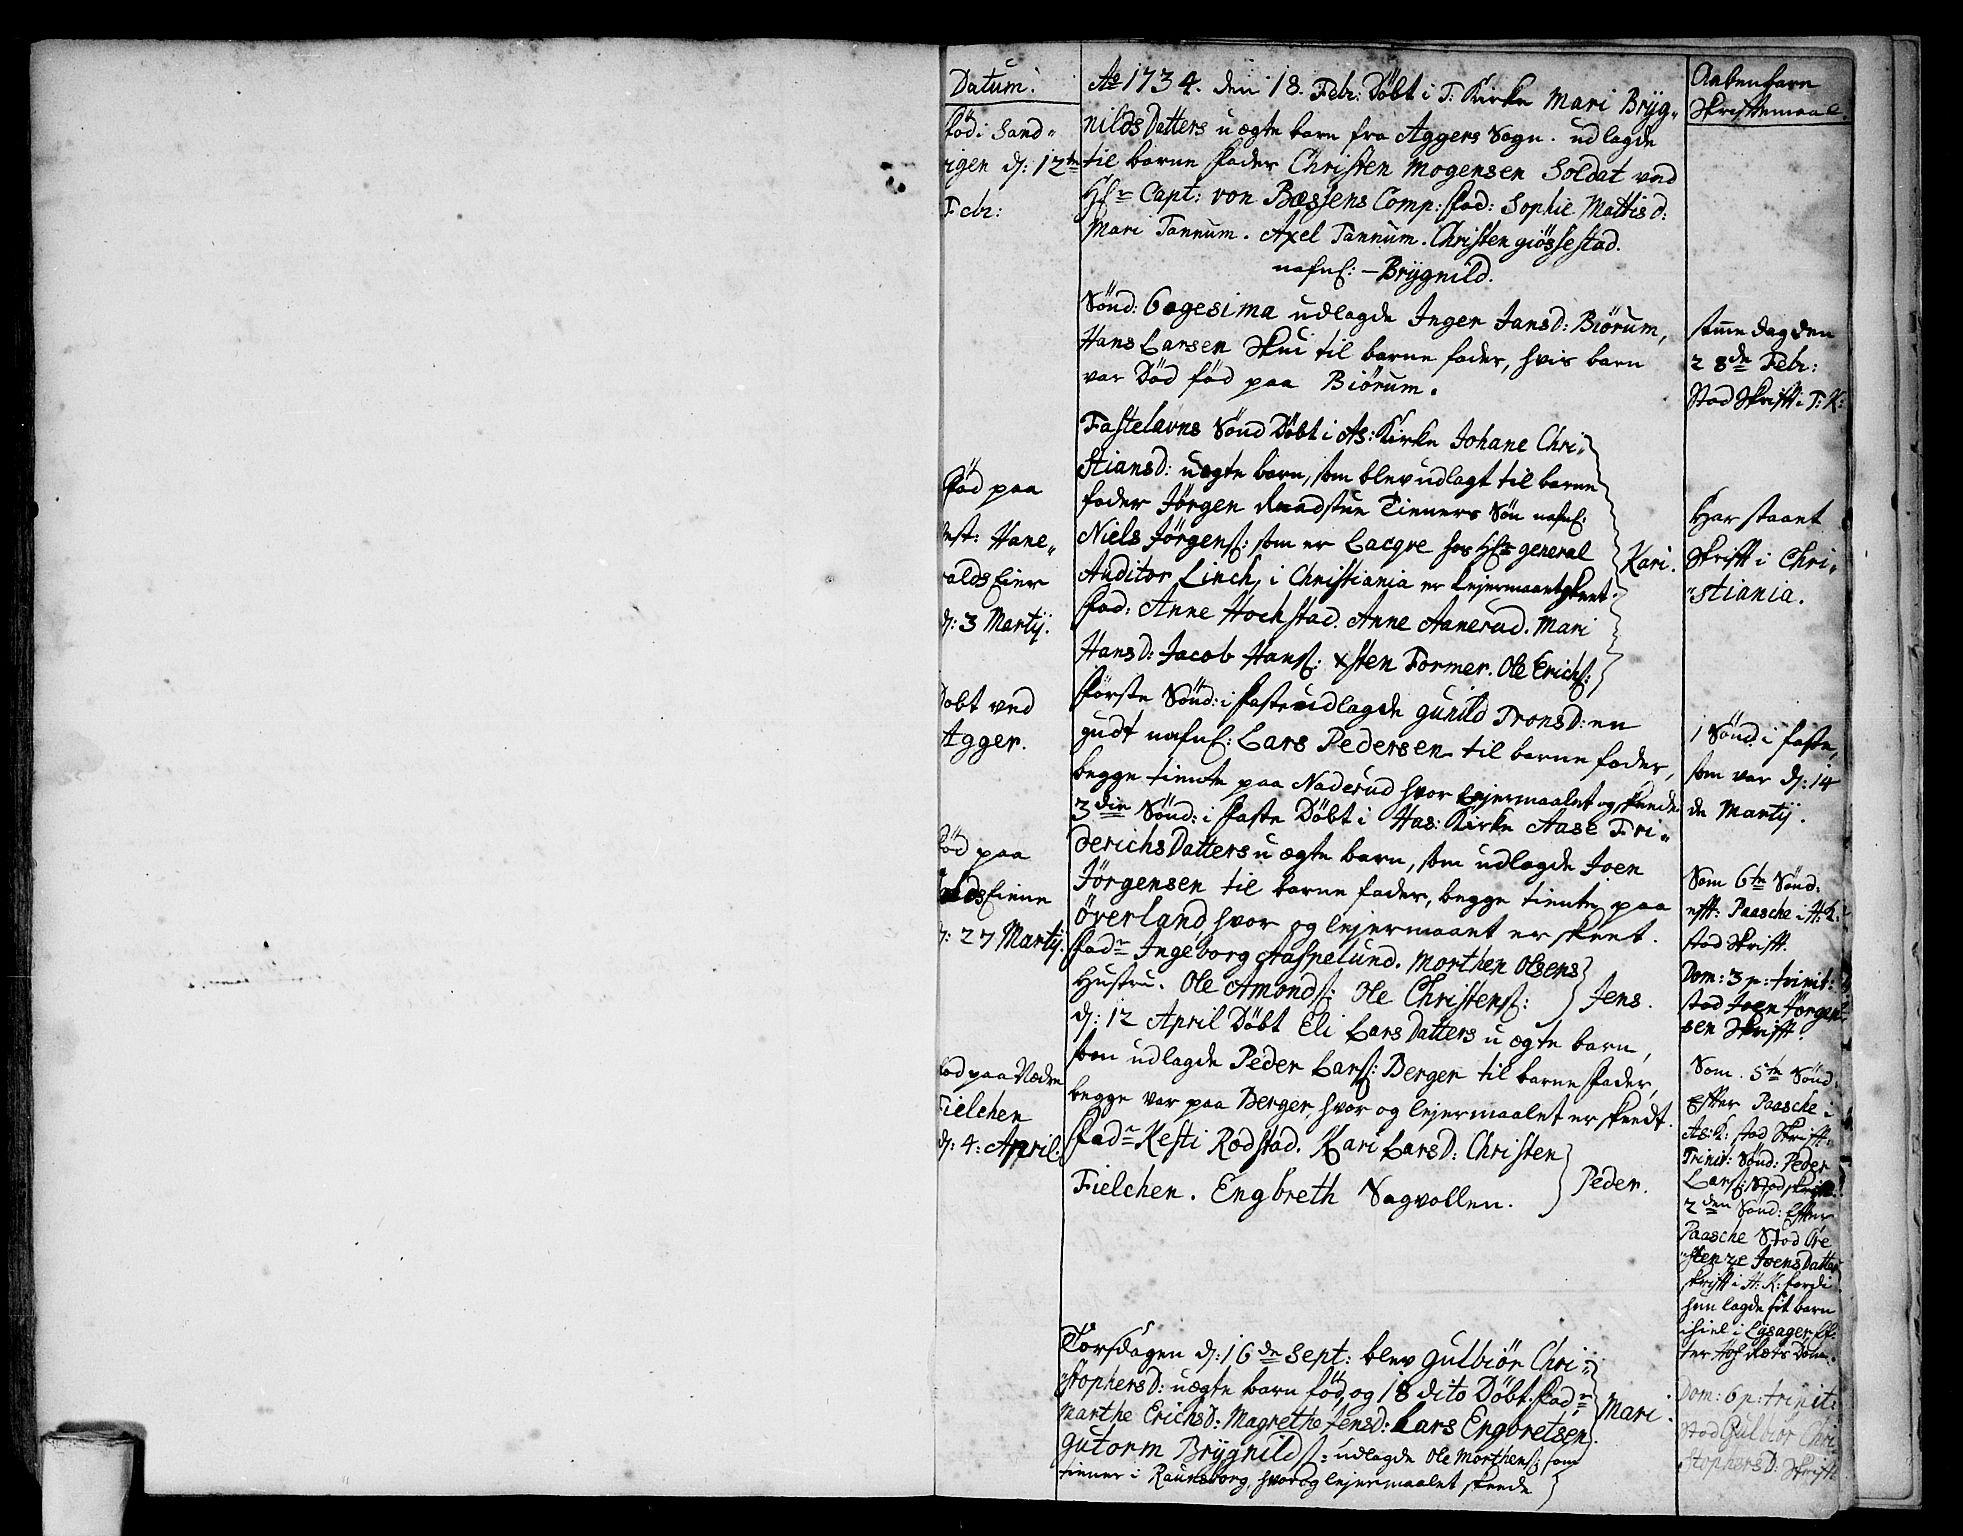 SAO, Asker prestekontor Kirkebøker, F/Fa/L0001: Ministerialbok nr. I 1, 1726-1744, s. 113